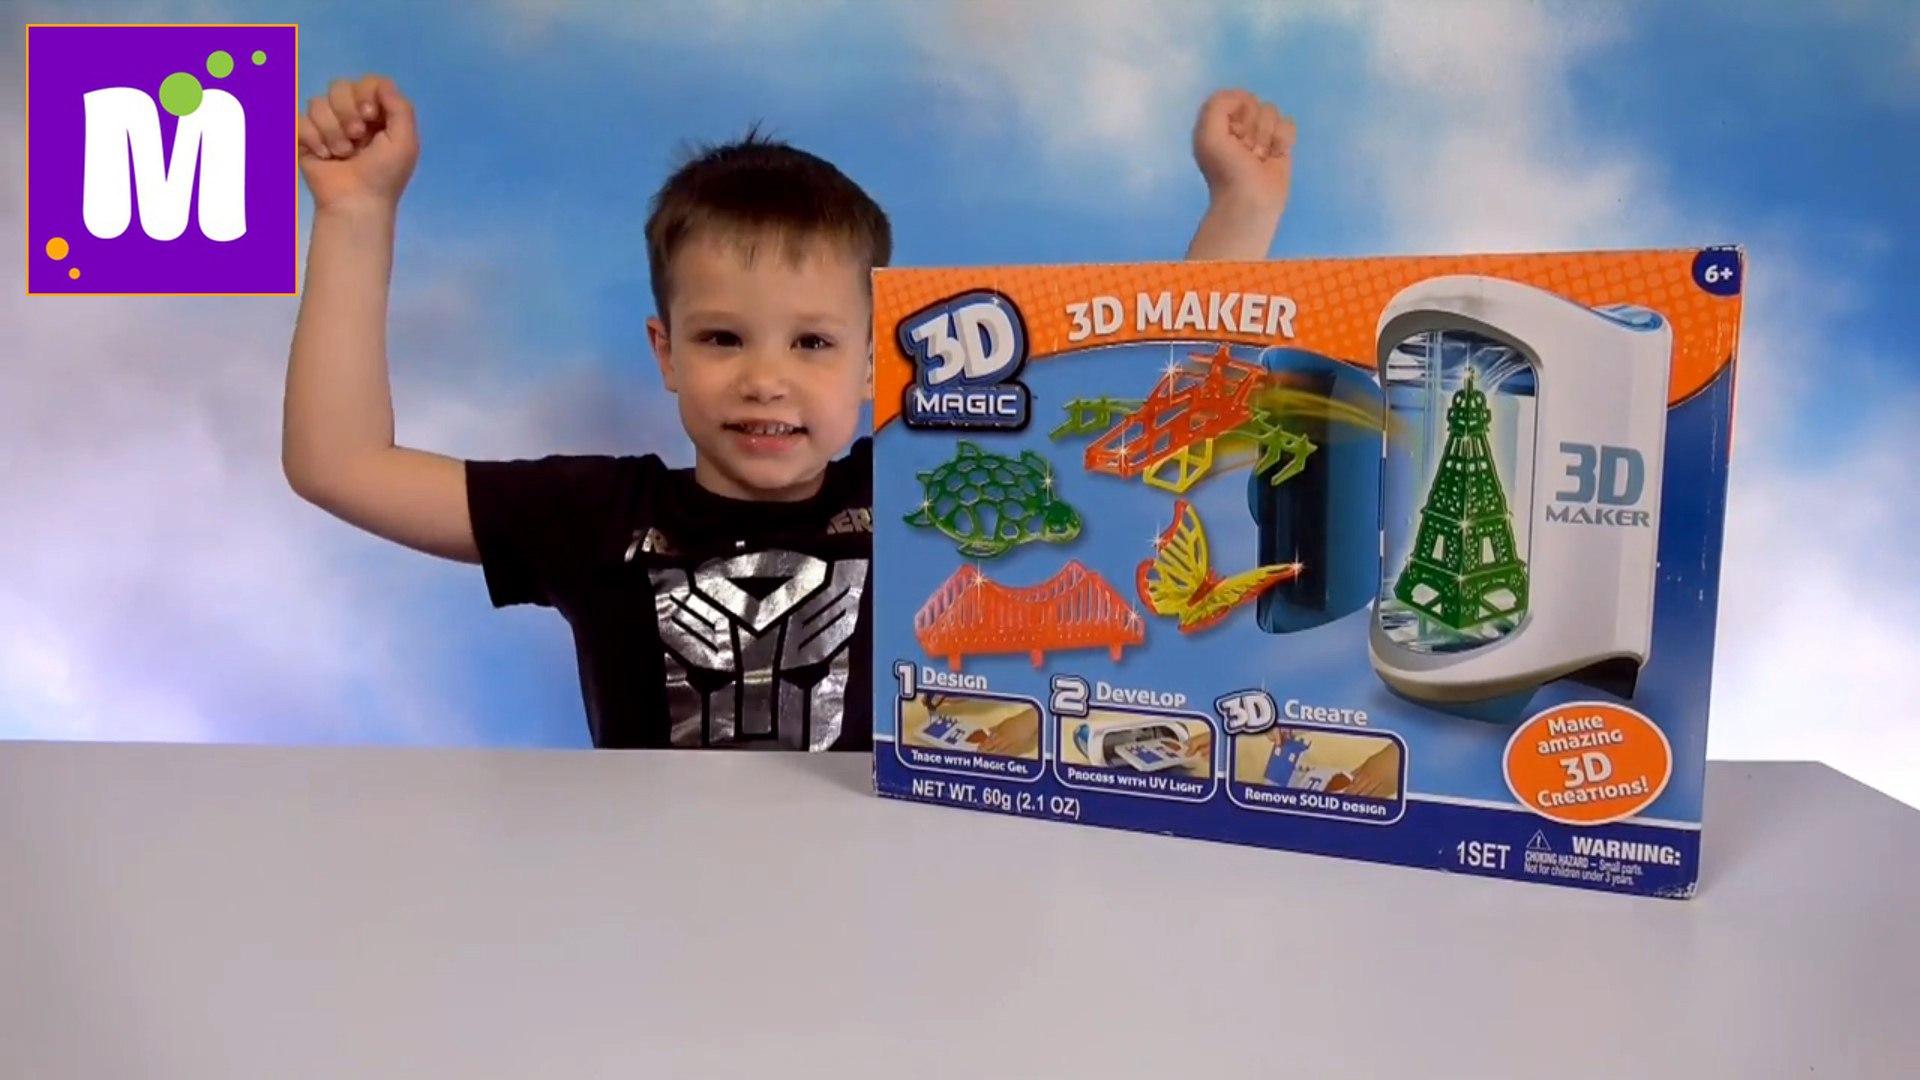 3Д принтер у Макса  игрушки мэйкер делаем объёмные машинки зверюшки и мосты распаковка новое видео 3